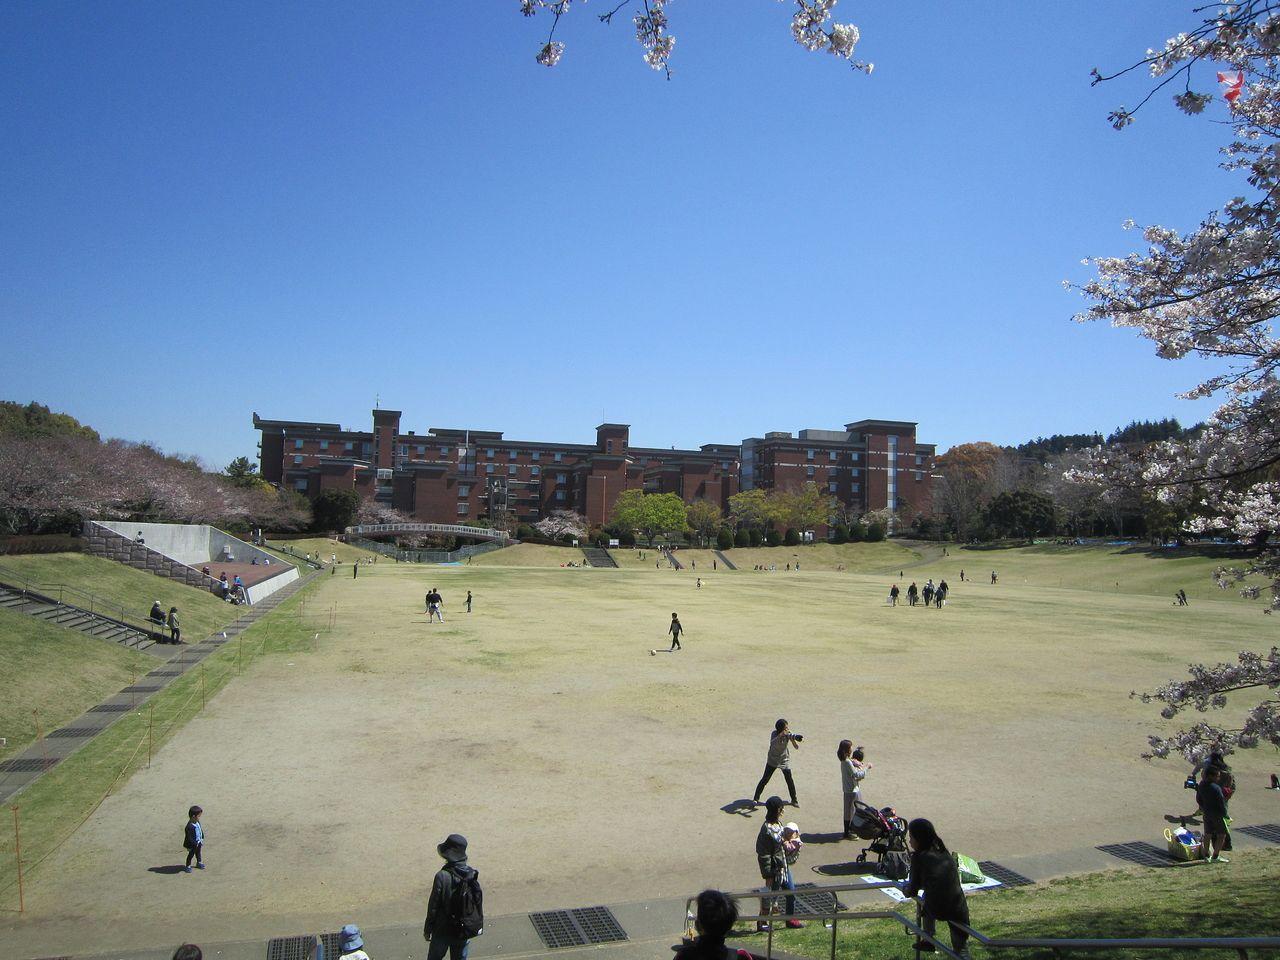 静岡県立大学の赤レンガ校舎と芝生園地の景色